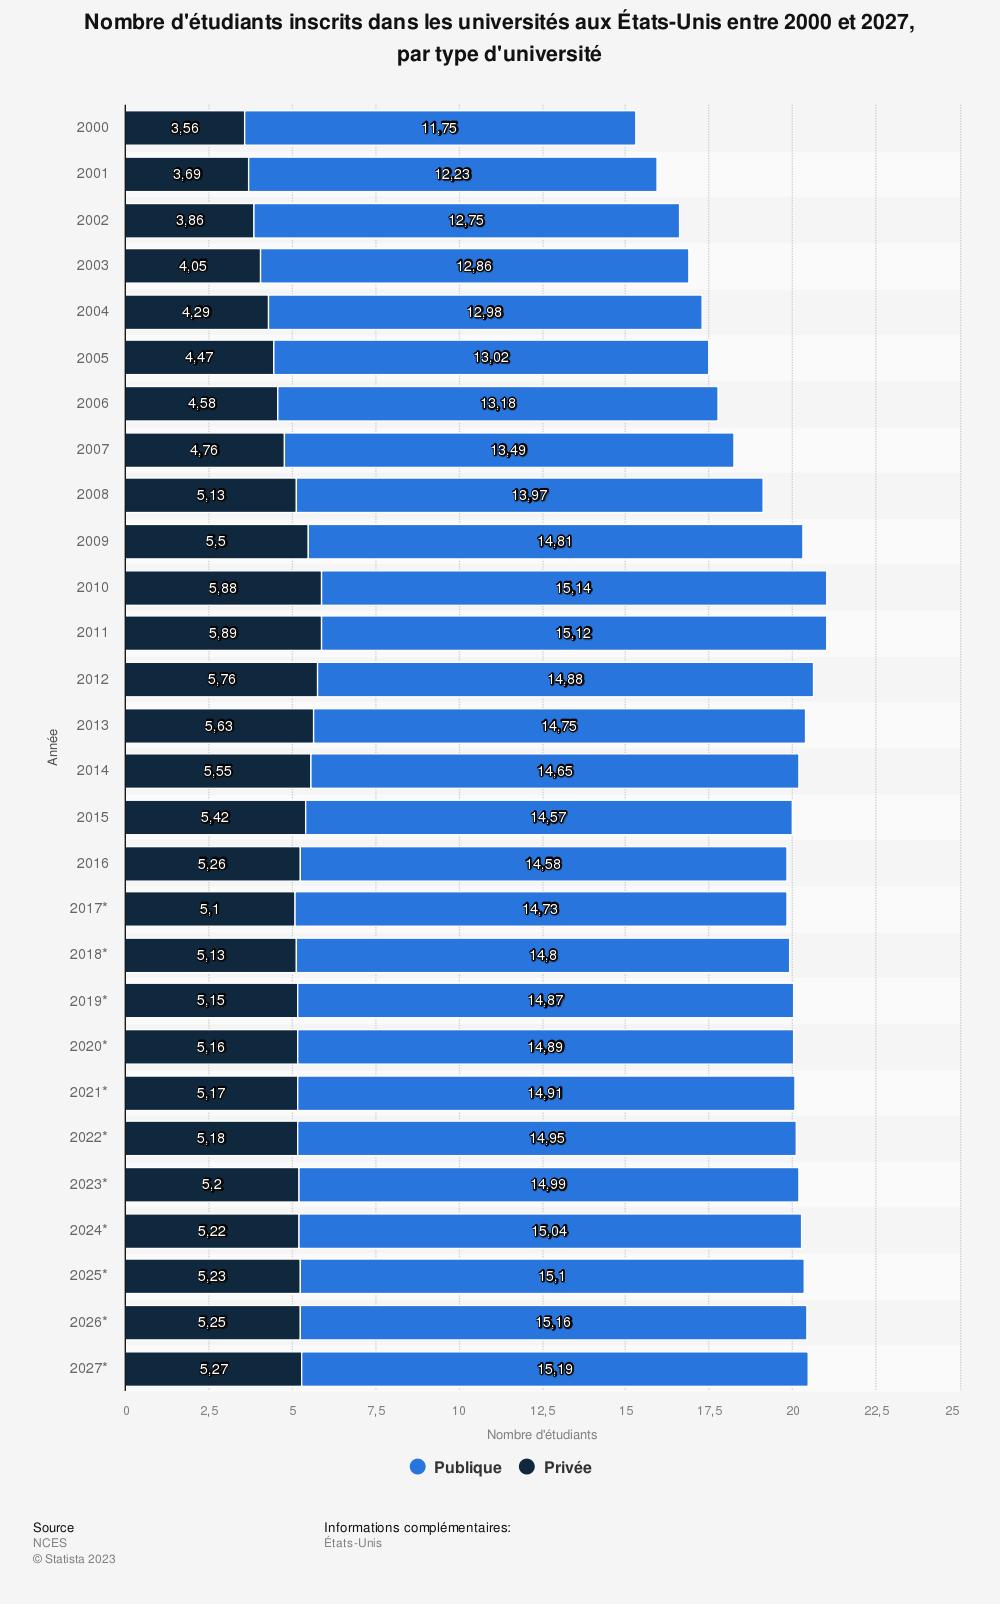 Statistique: Nombre d'étudiants inscrits dans les universités aux États-Unis entre 2000 et 2027, par type d'université | Statista